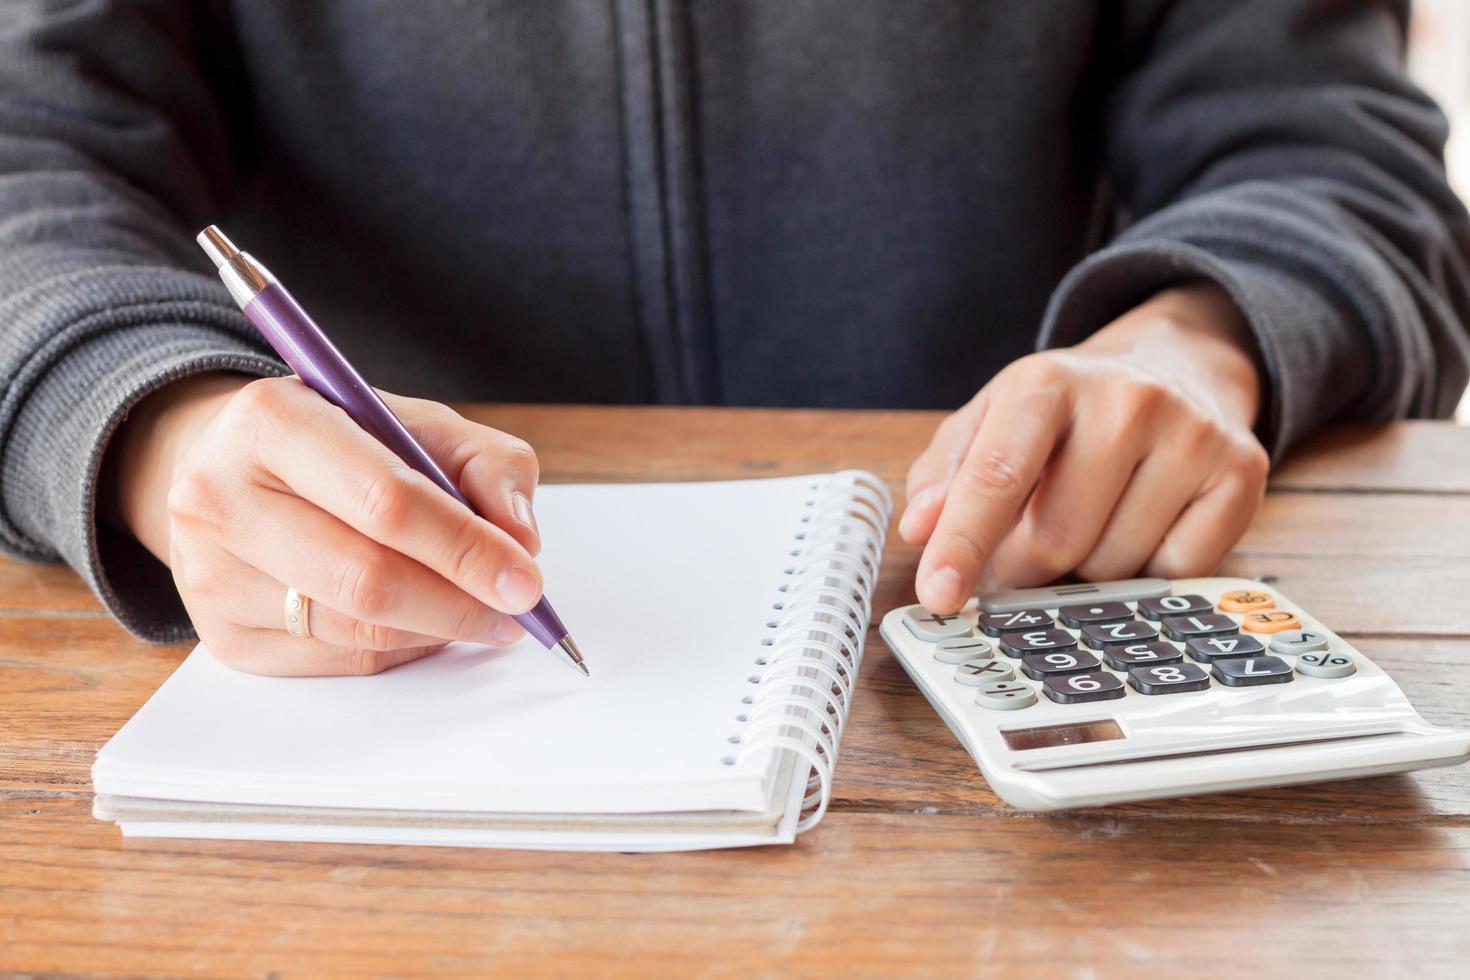 persoon die in een notitieboekje met een rekenmachine schrijft foto